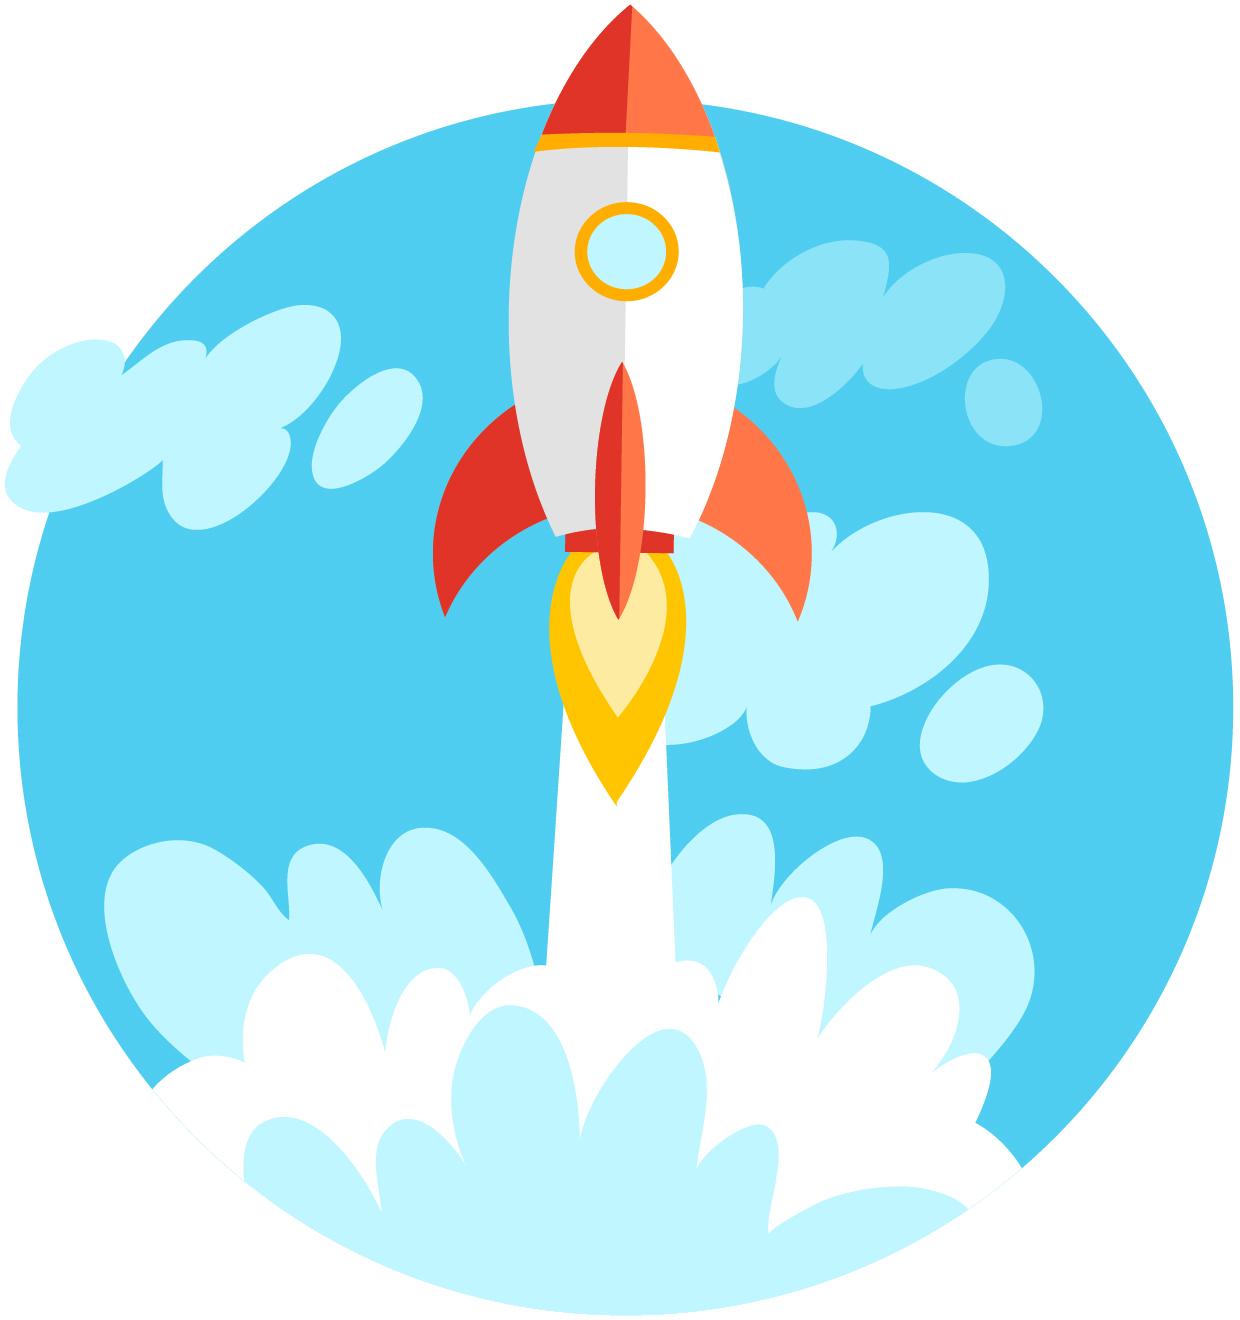 Forside rocket